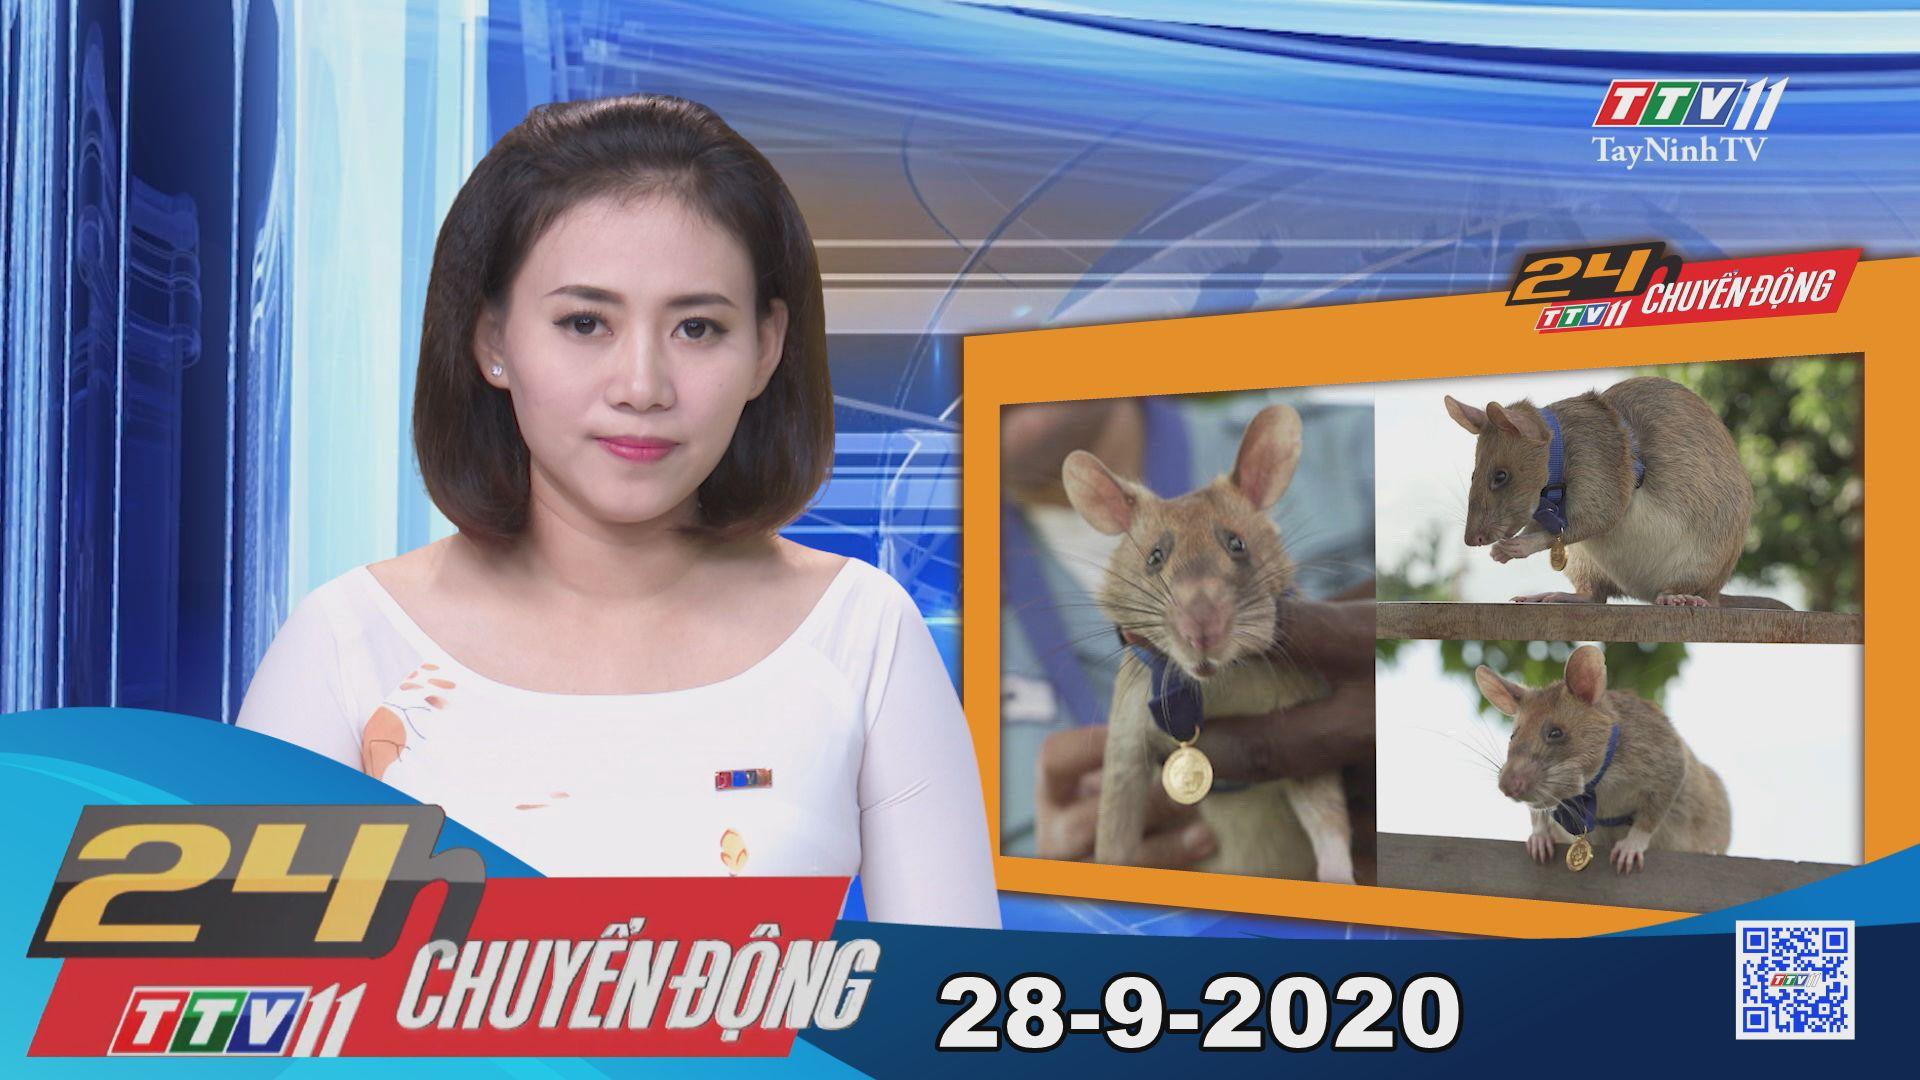 24h Chuyển động 28-9-2020 | Tin tức hôm nay | TayNinhTV